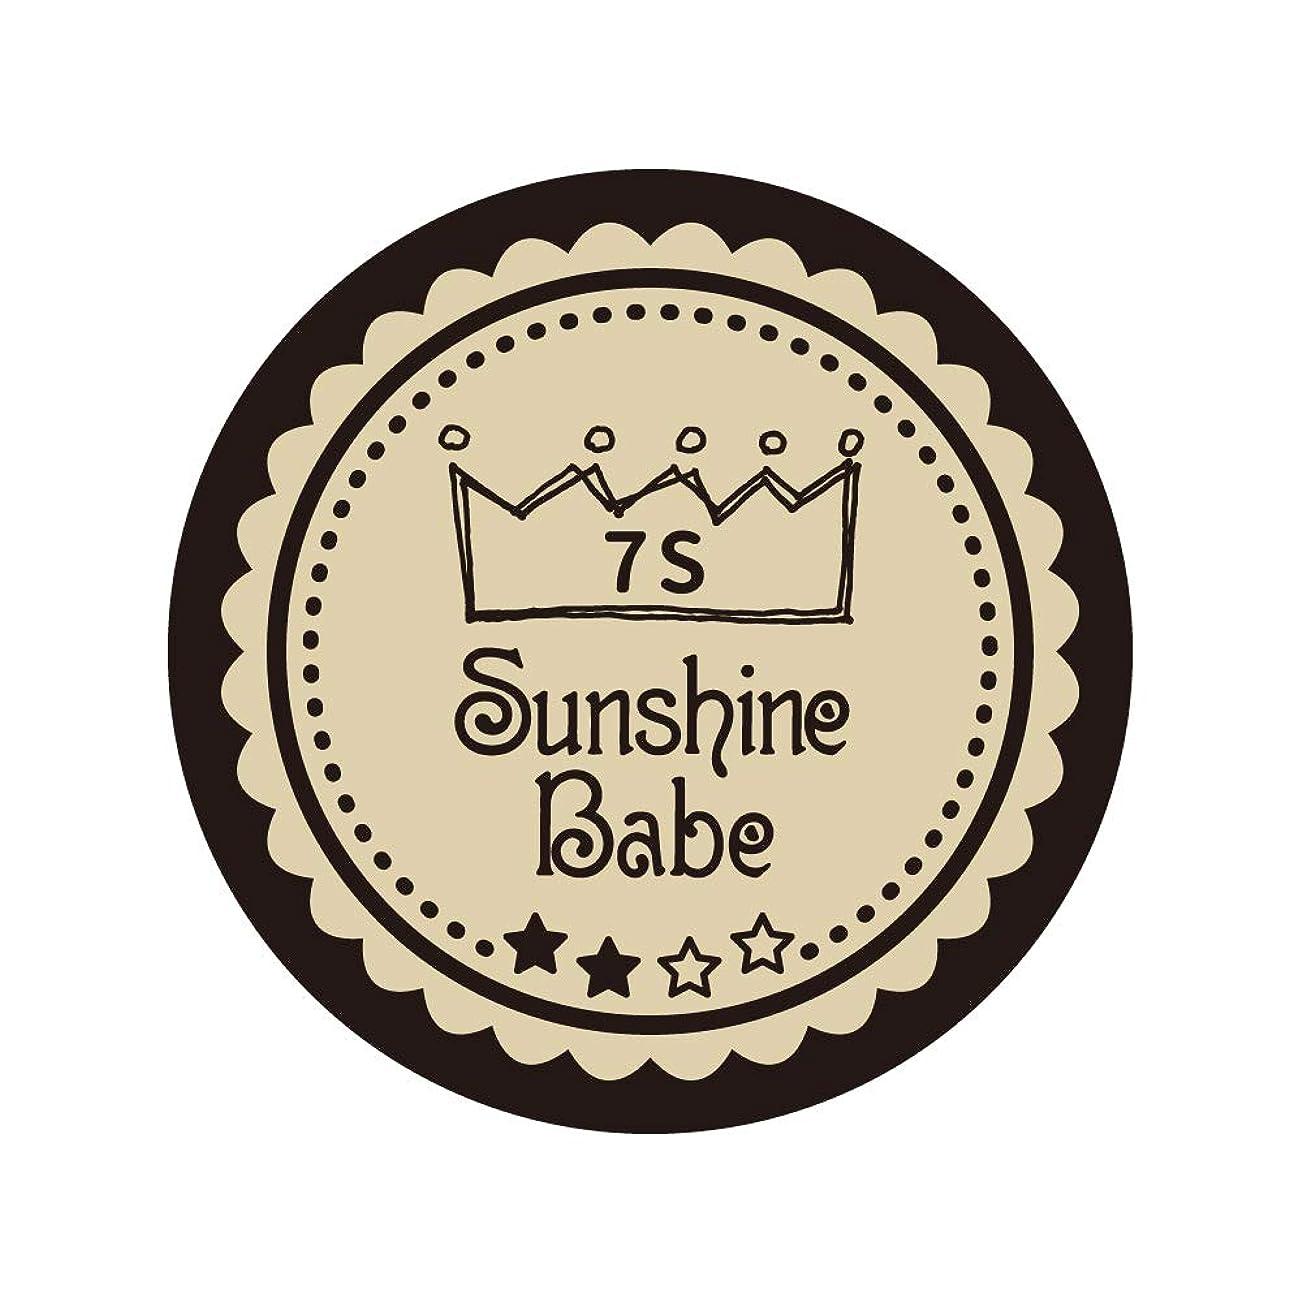 フラップ突然の言語学Sunshine Babe コスメティックカラー 7S ウォームサンド 4g UV/LED対応